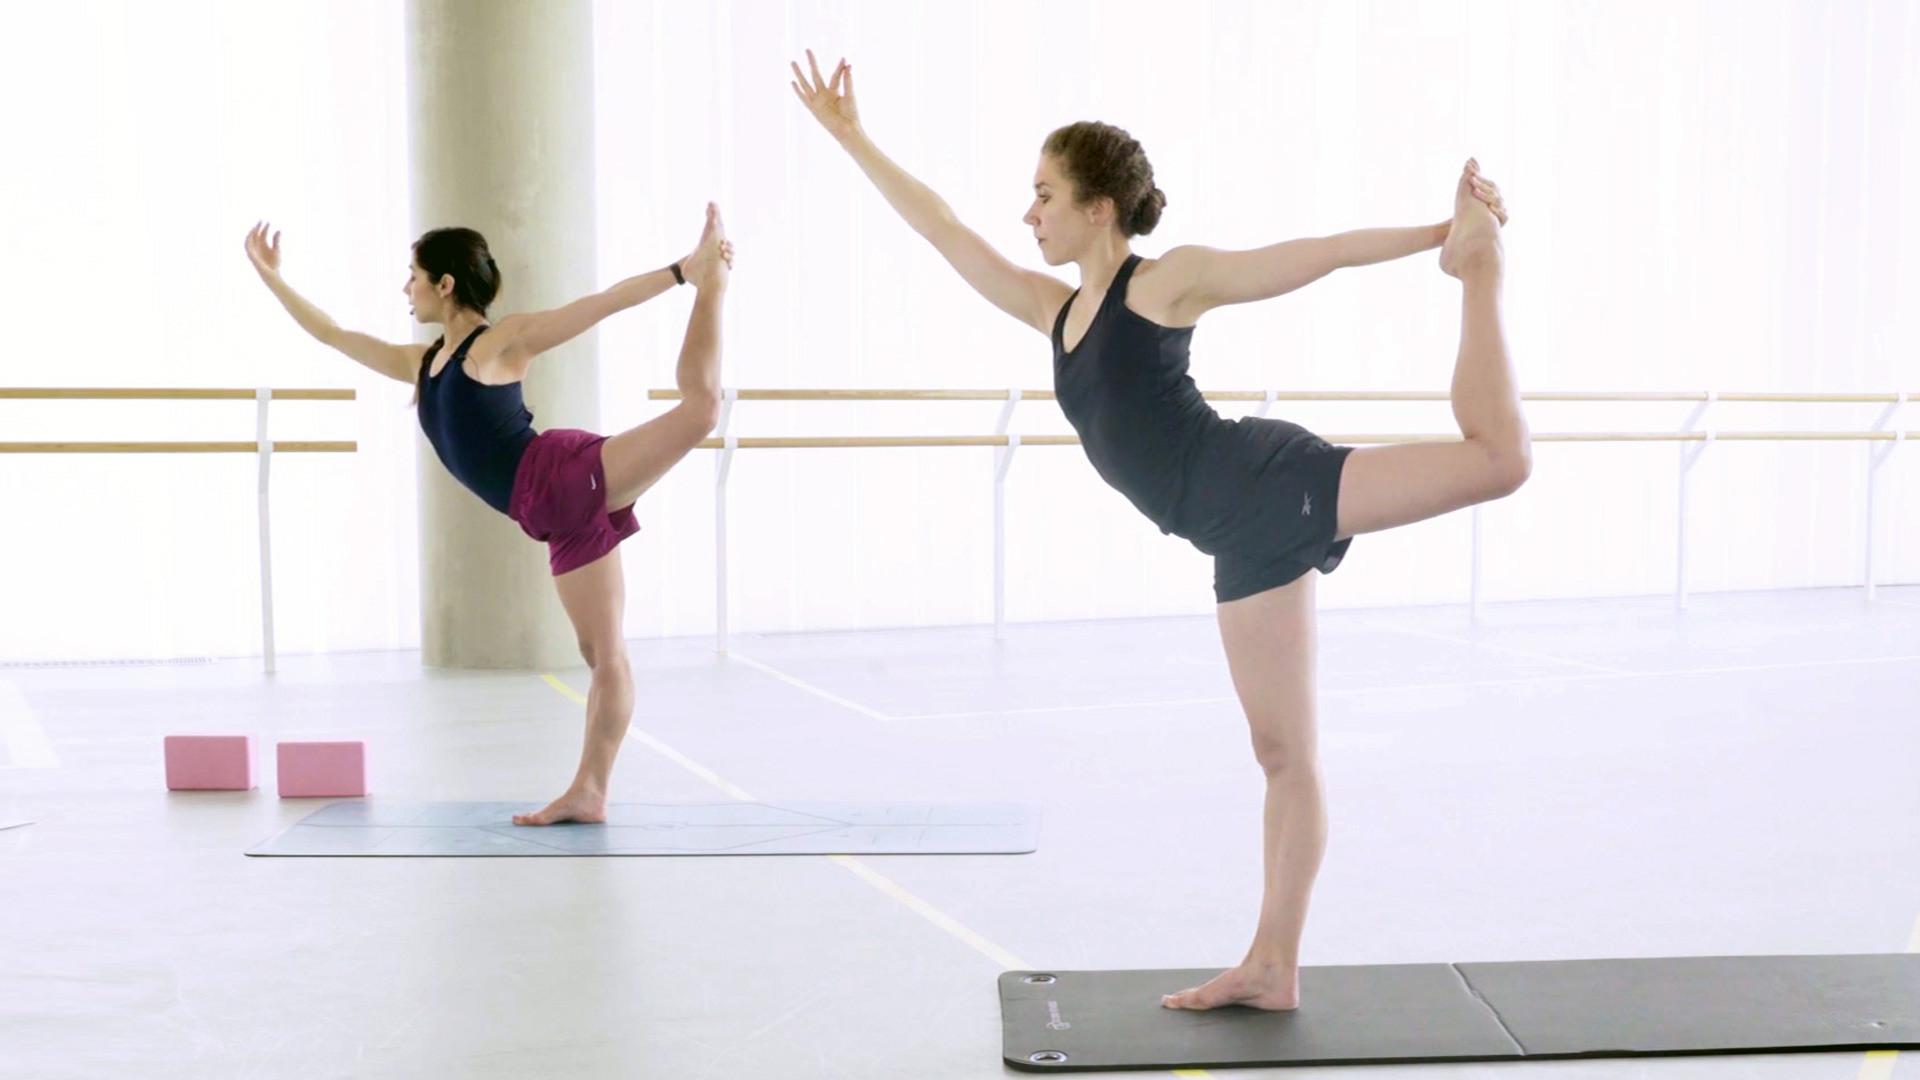 Two women practising ballet